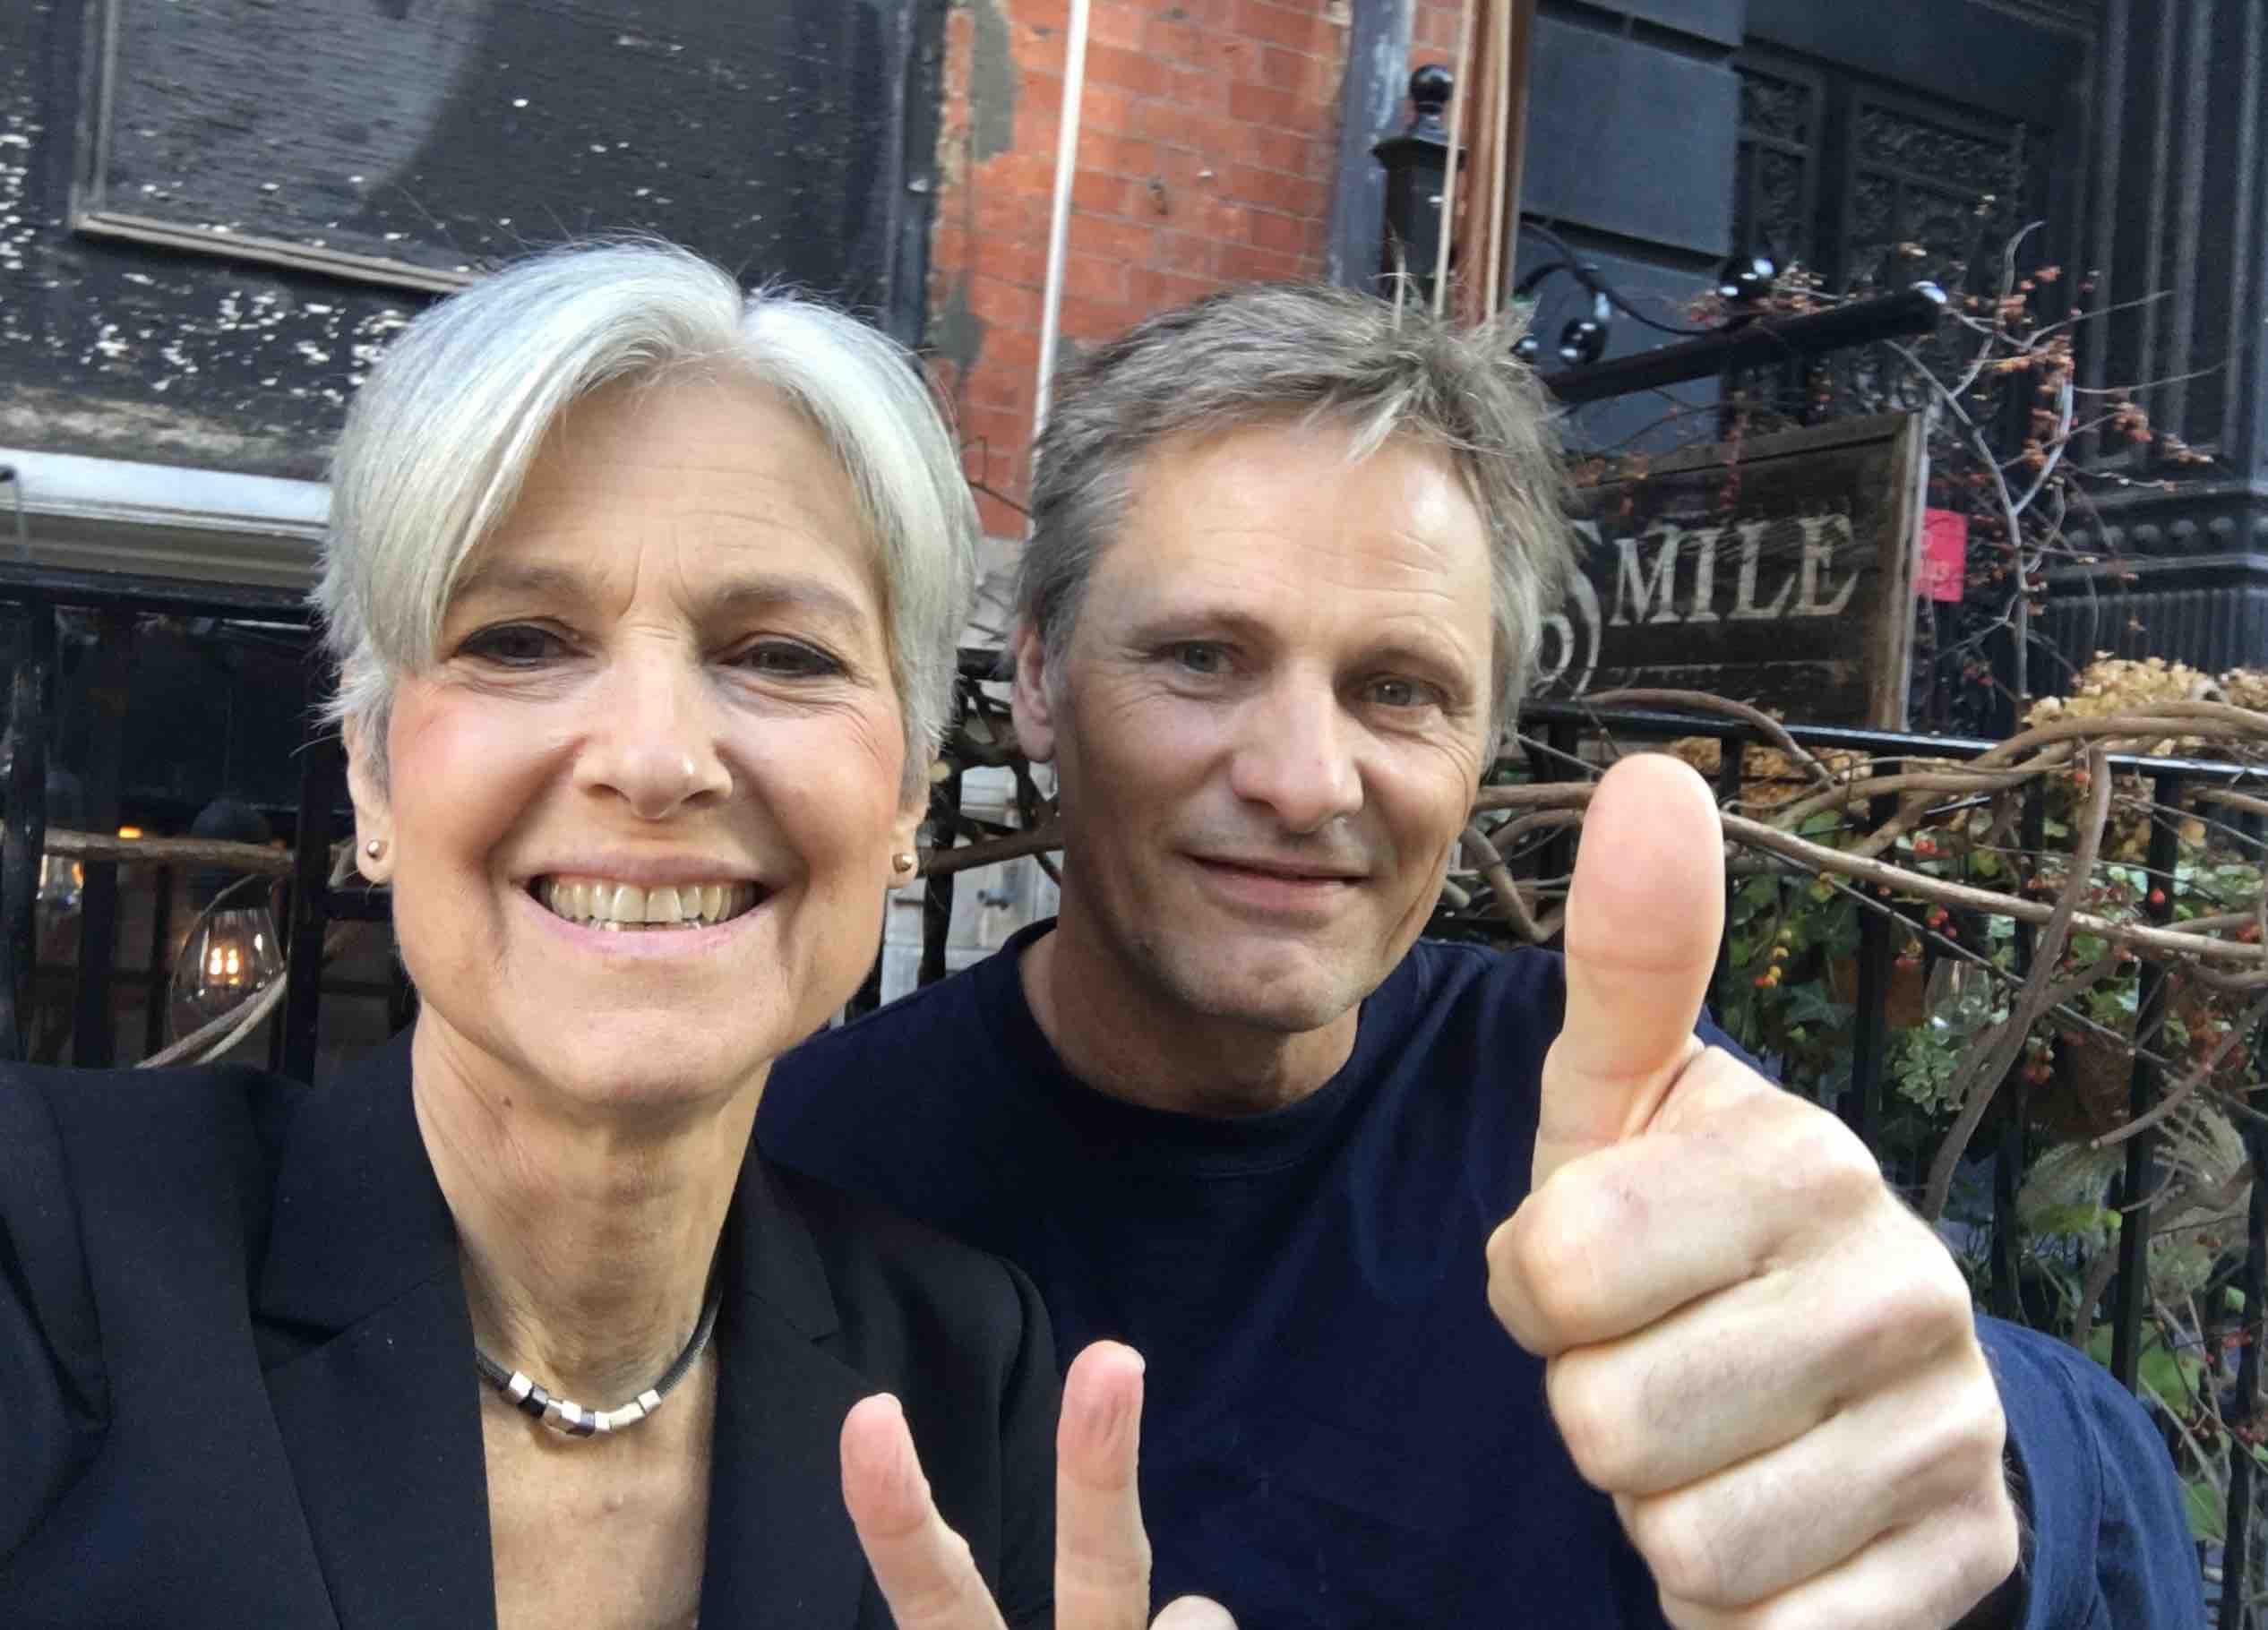 Jill_and_Viggo.jpg